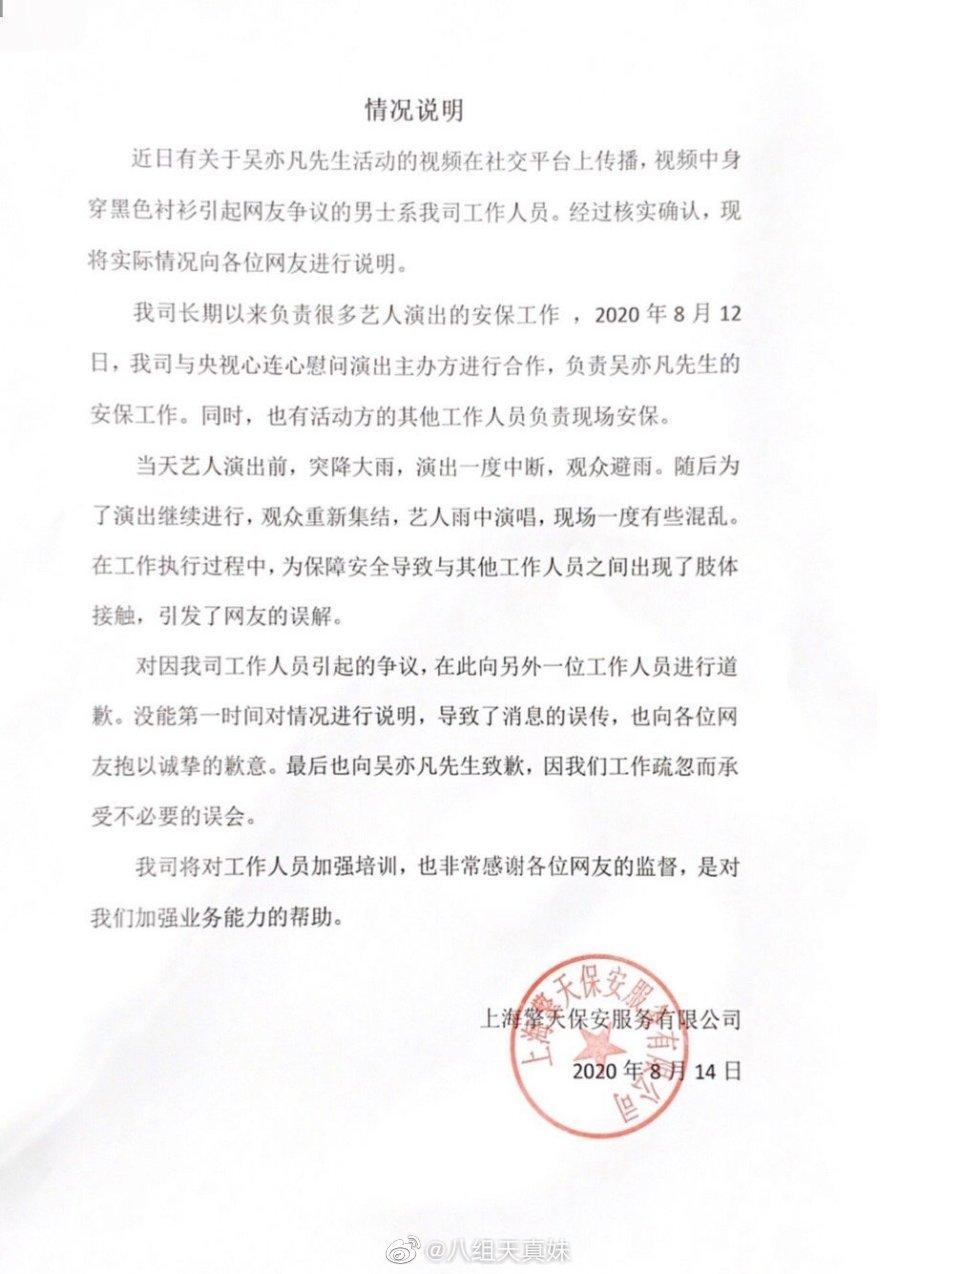 吴亦凡安保公司声明,现场突遇下雨